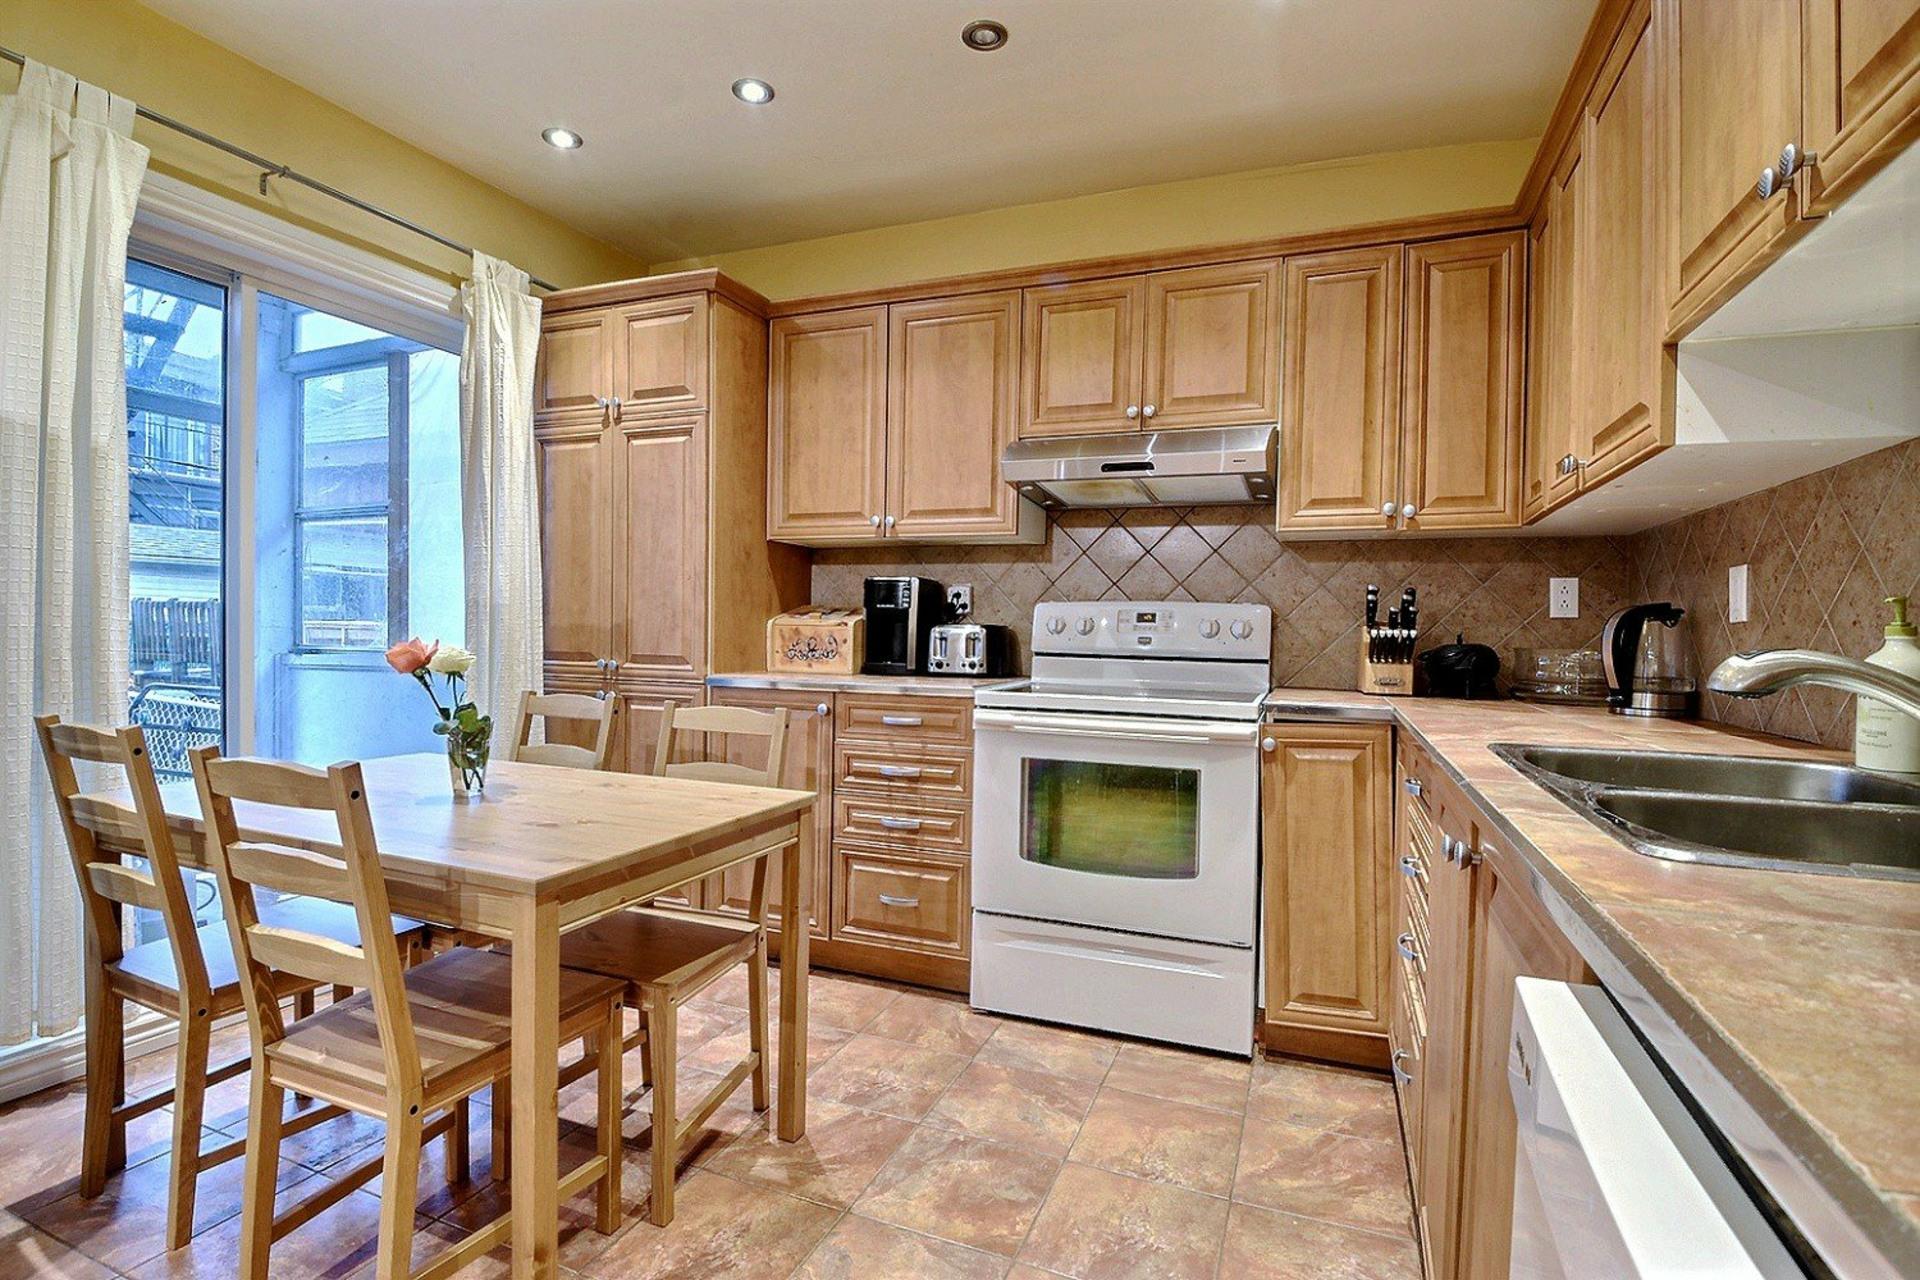 image 2 - Duplex For sale Lachine Montréal  - 6 rooms